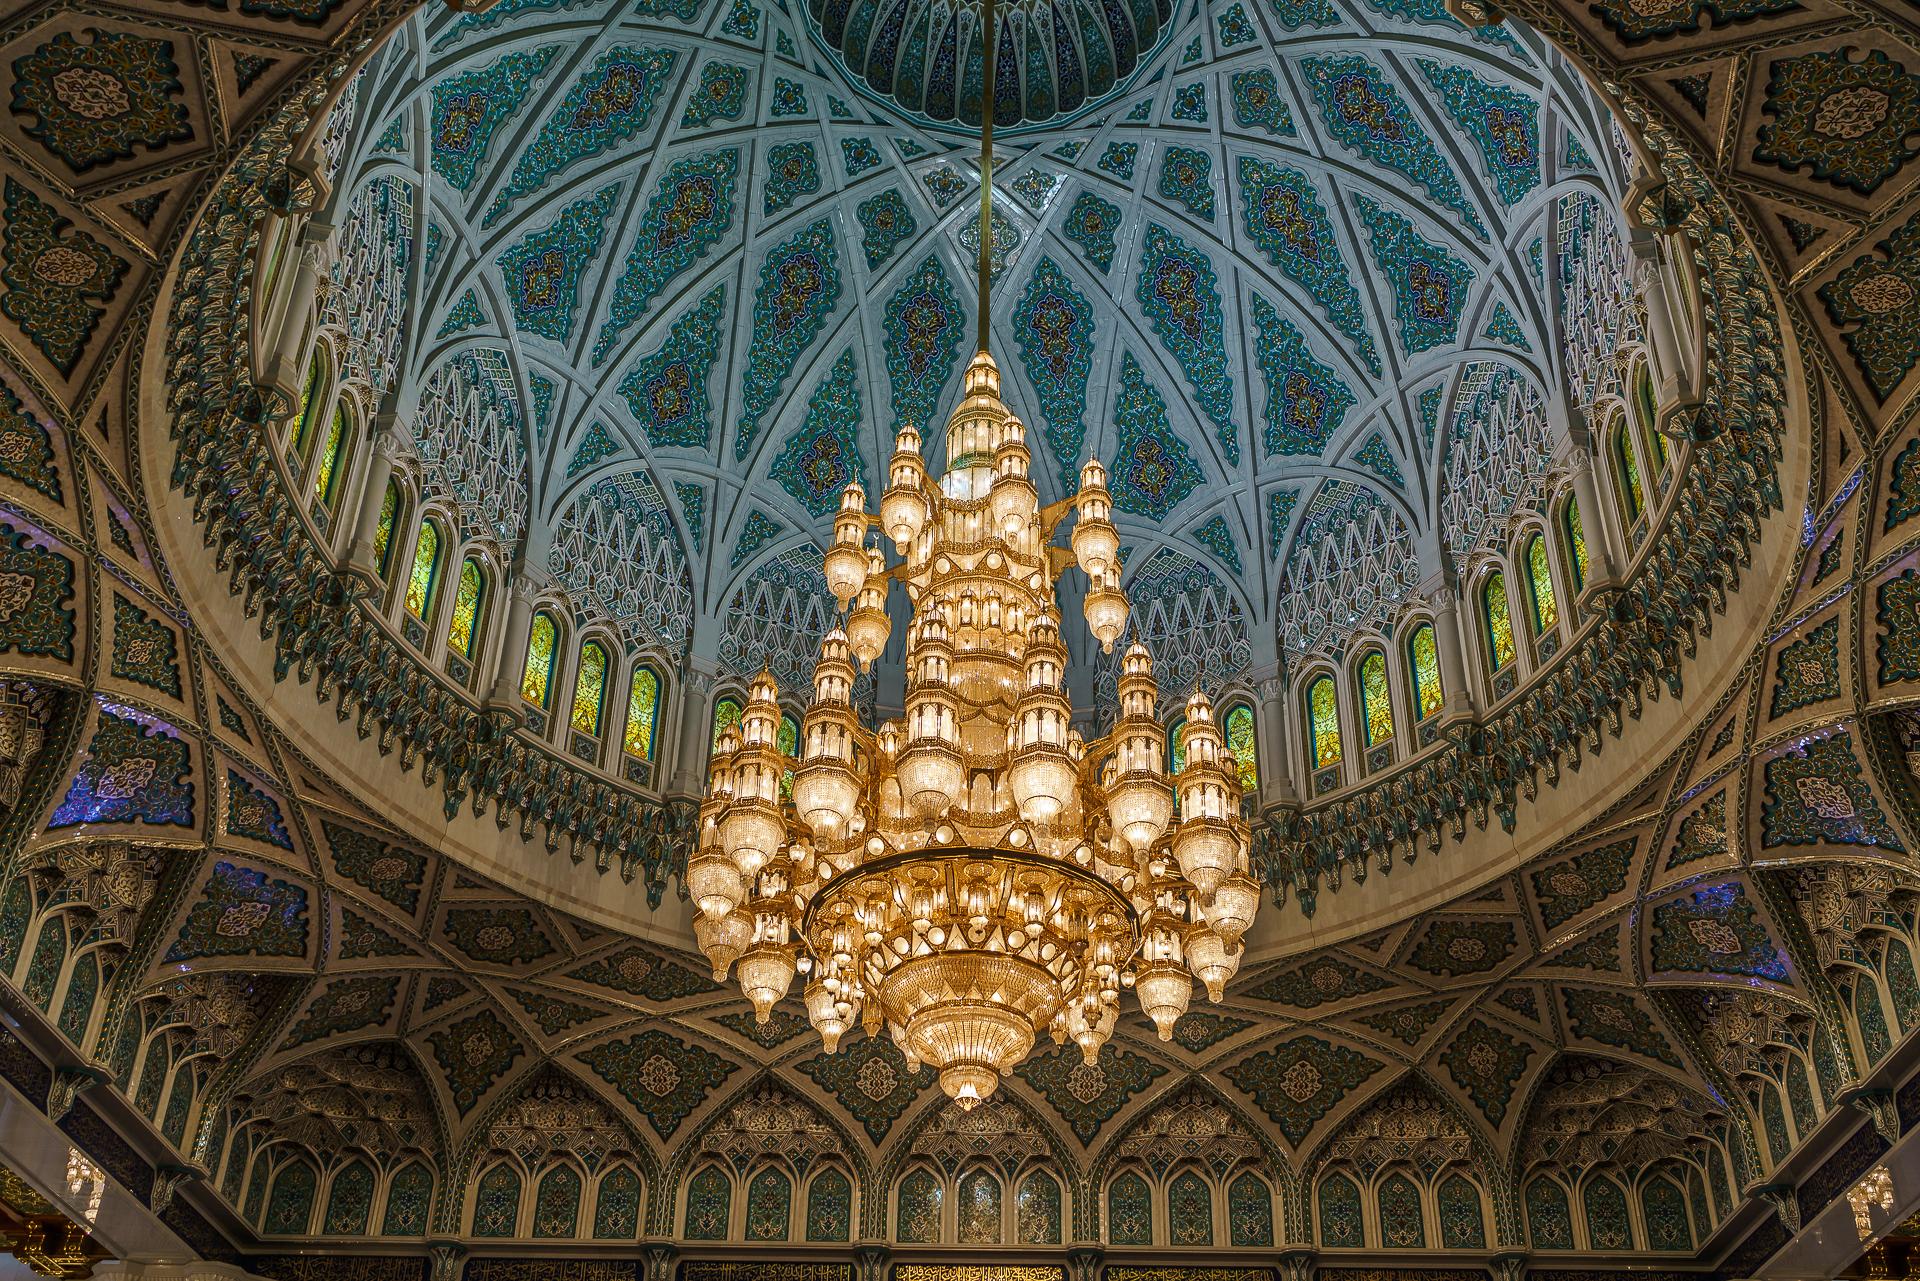 Grosse-Sultan-Qabus-Moschee-Kronleuchter